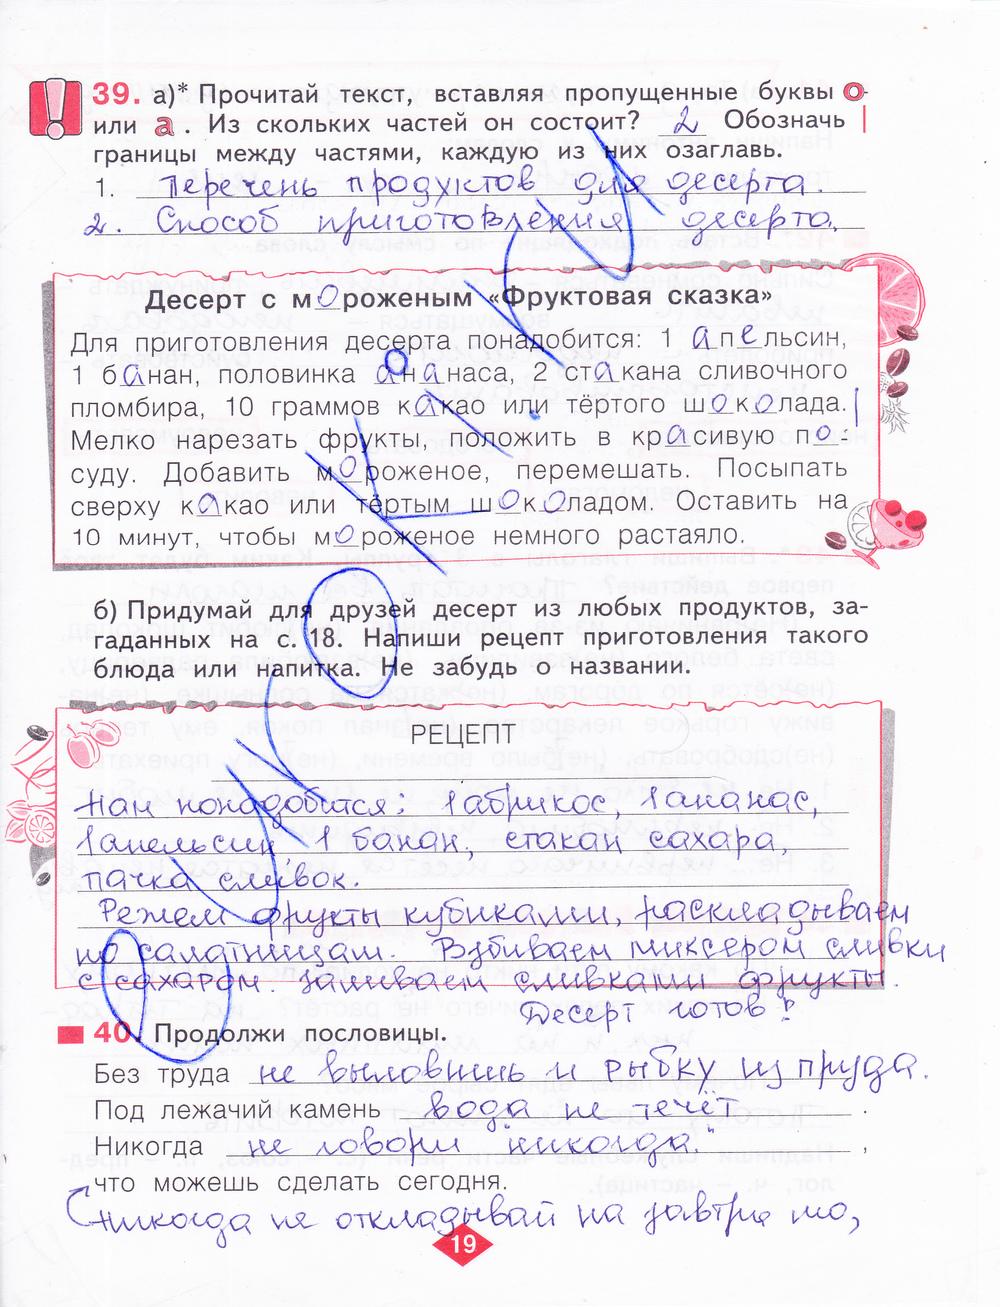 Учебник нечаева русский язык 3 класс онлайн.